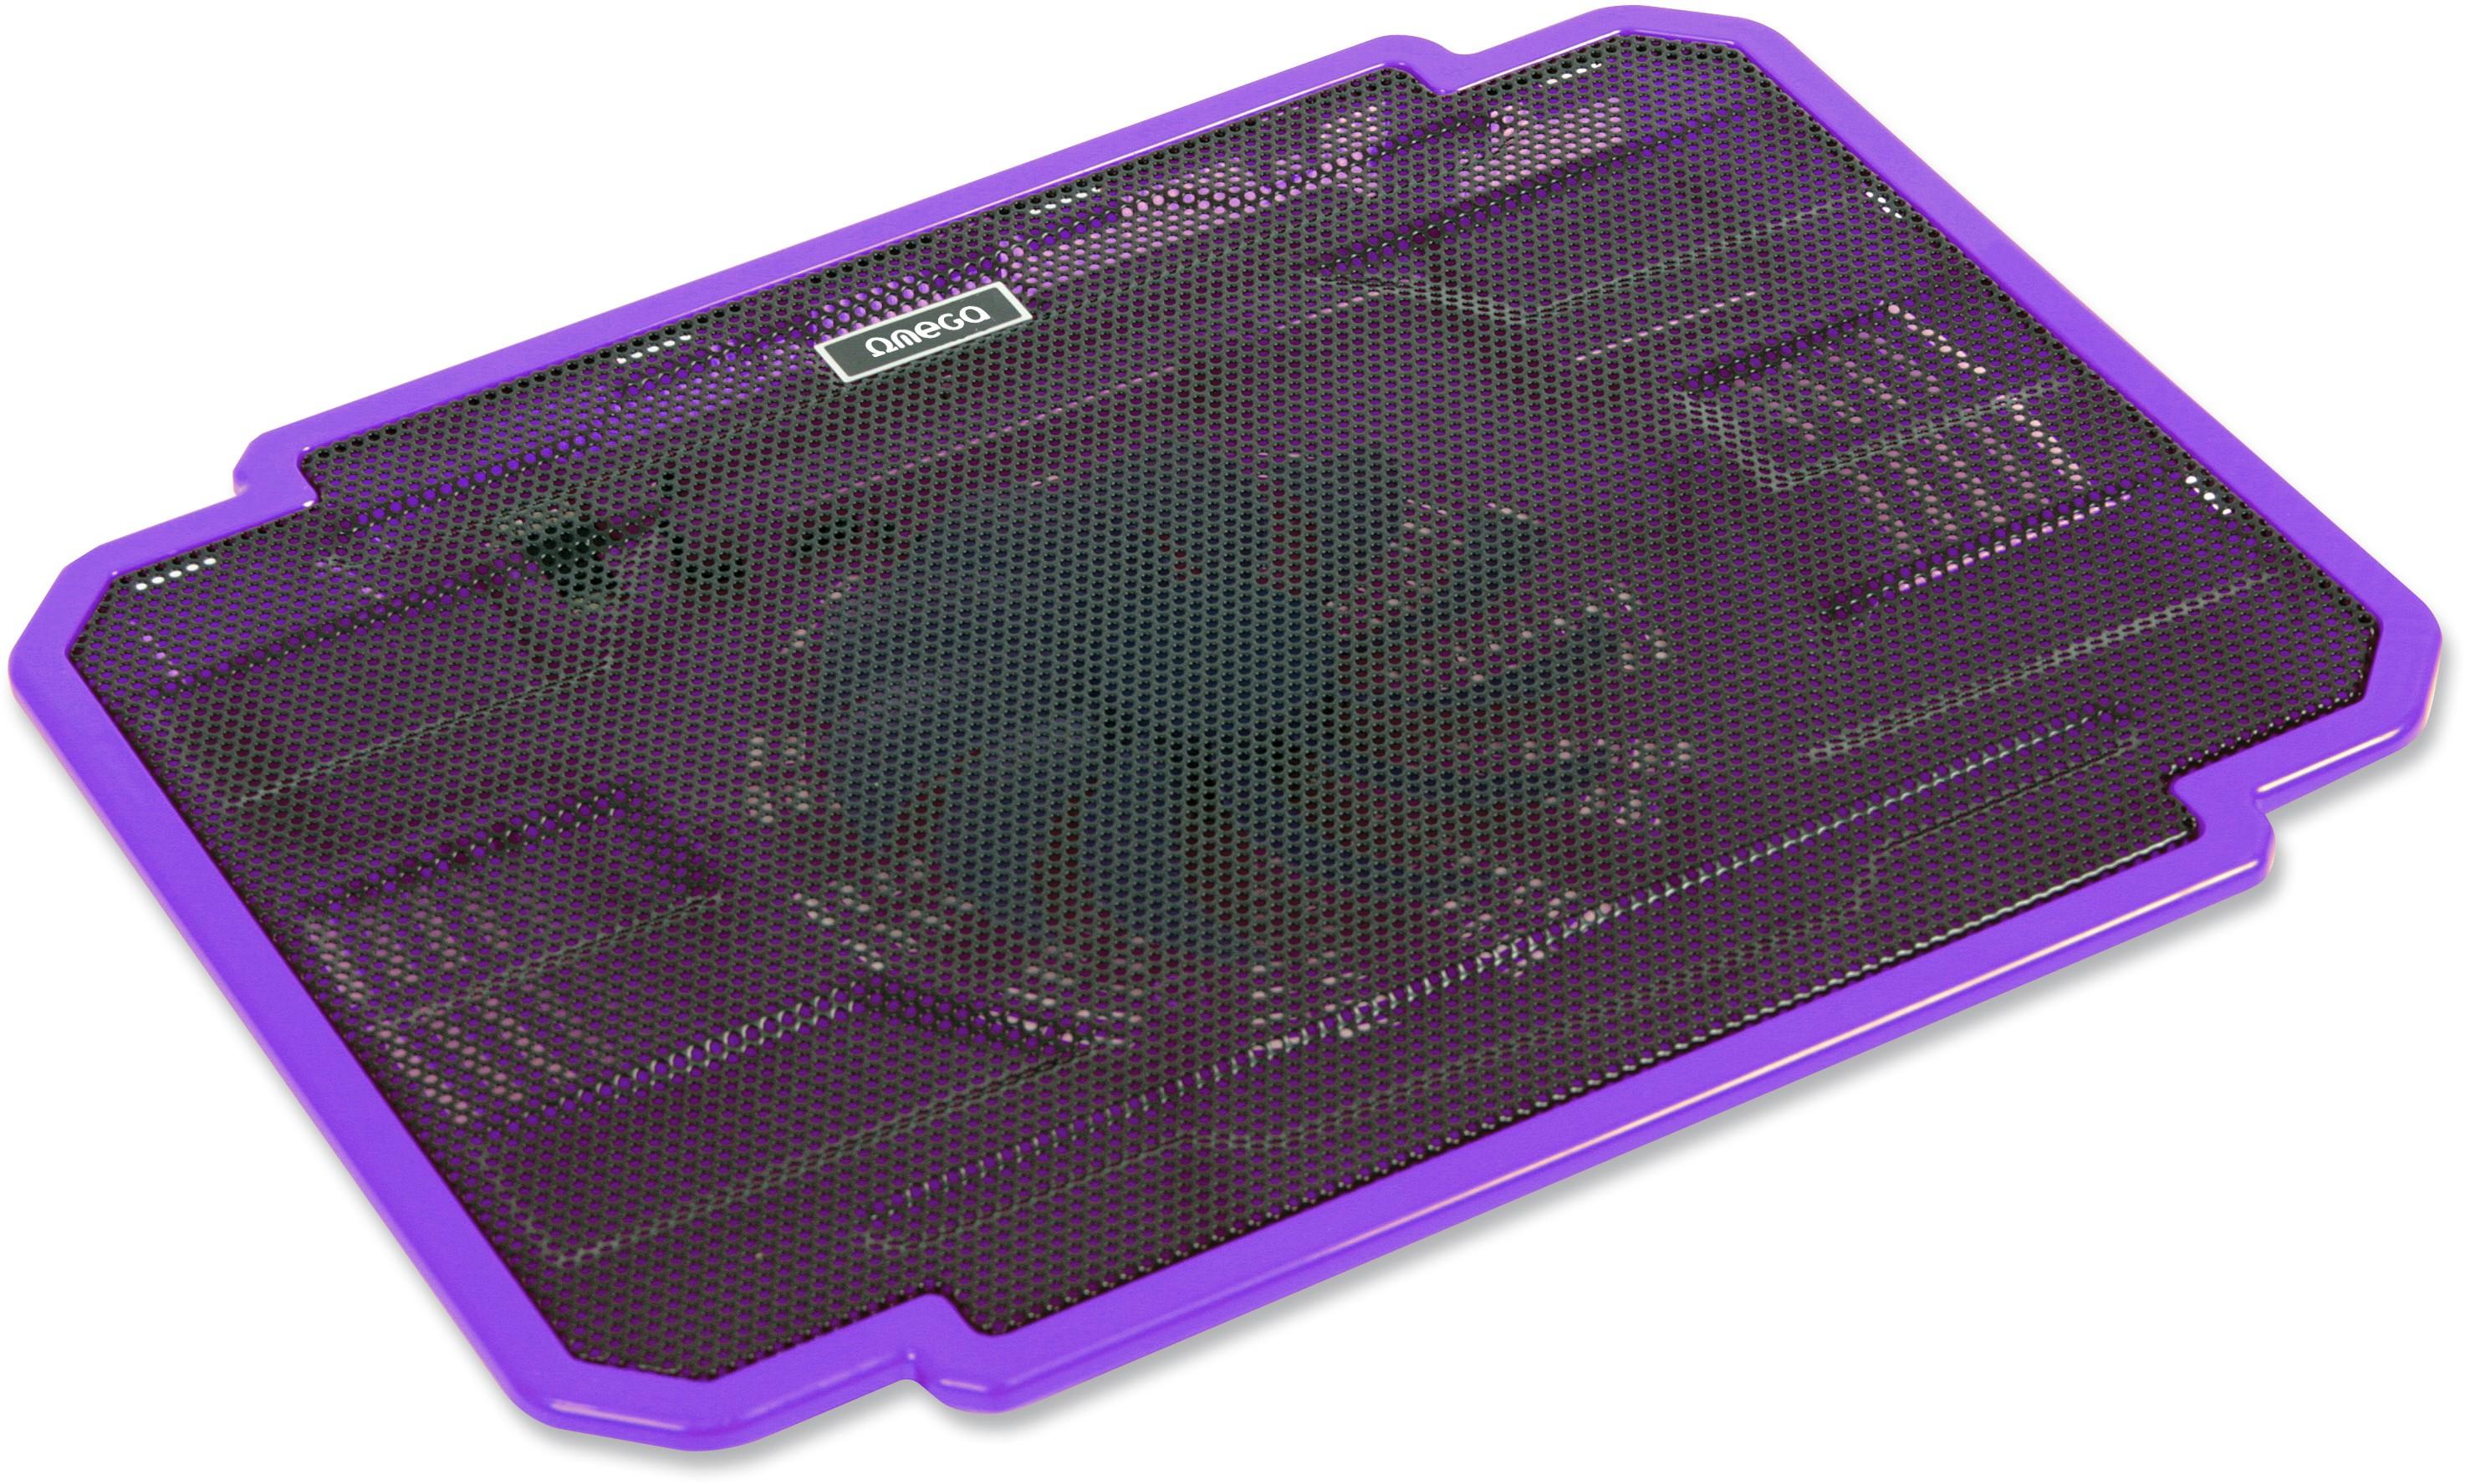 f67af93314a Omega sülearvuti jahutusalus Ice Box, lilla     PATMAR